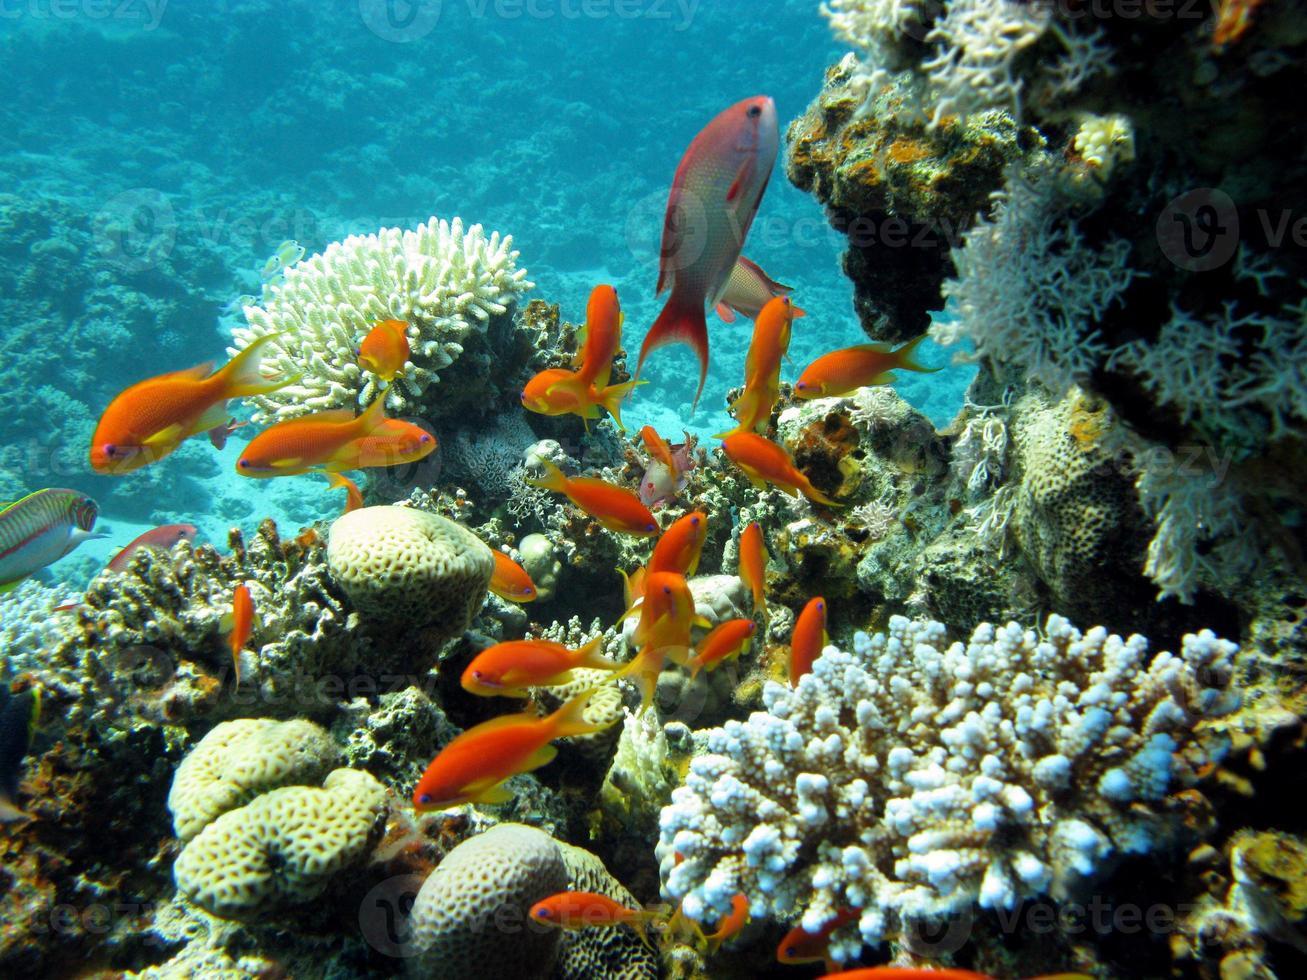 kleurrijke koraalrif met vissen anthias in tropische zee foto